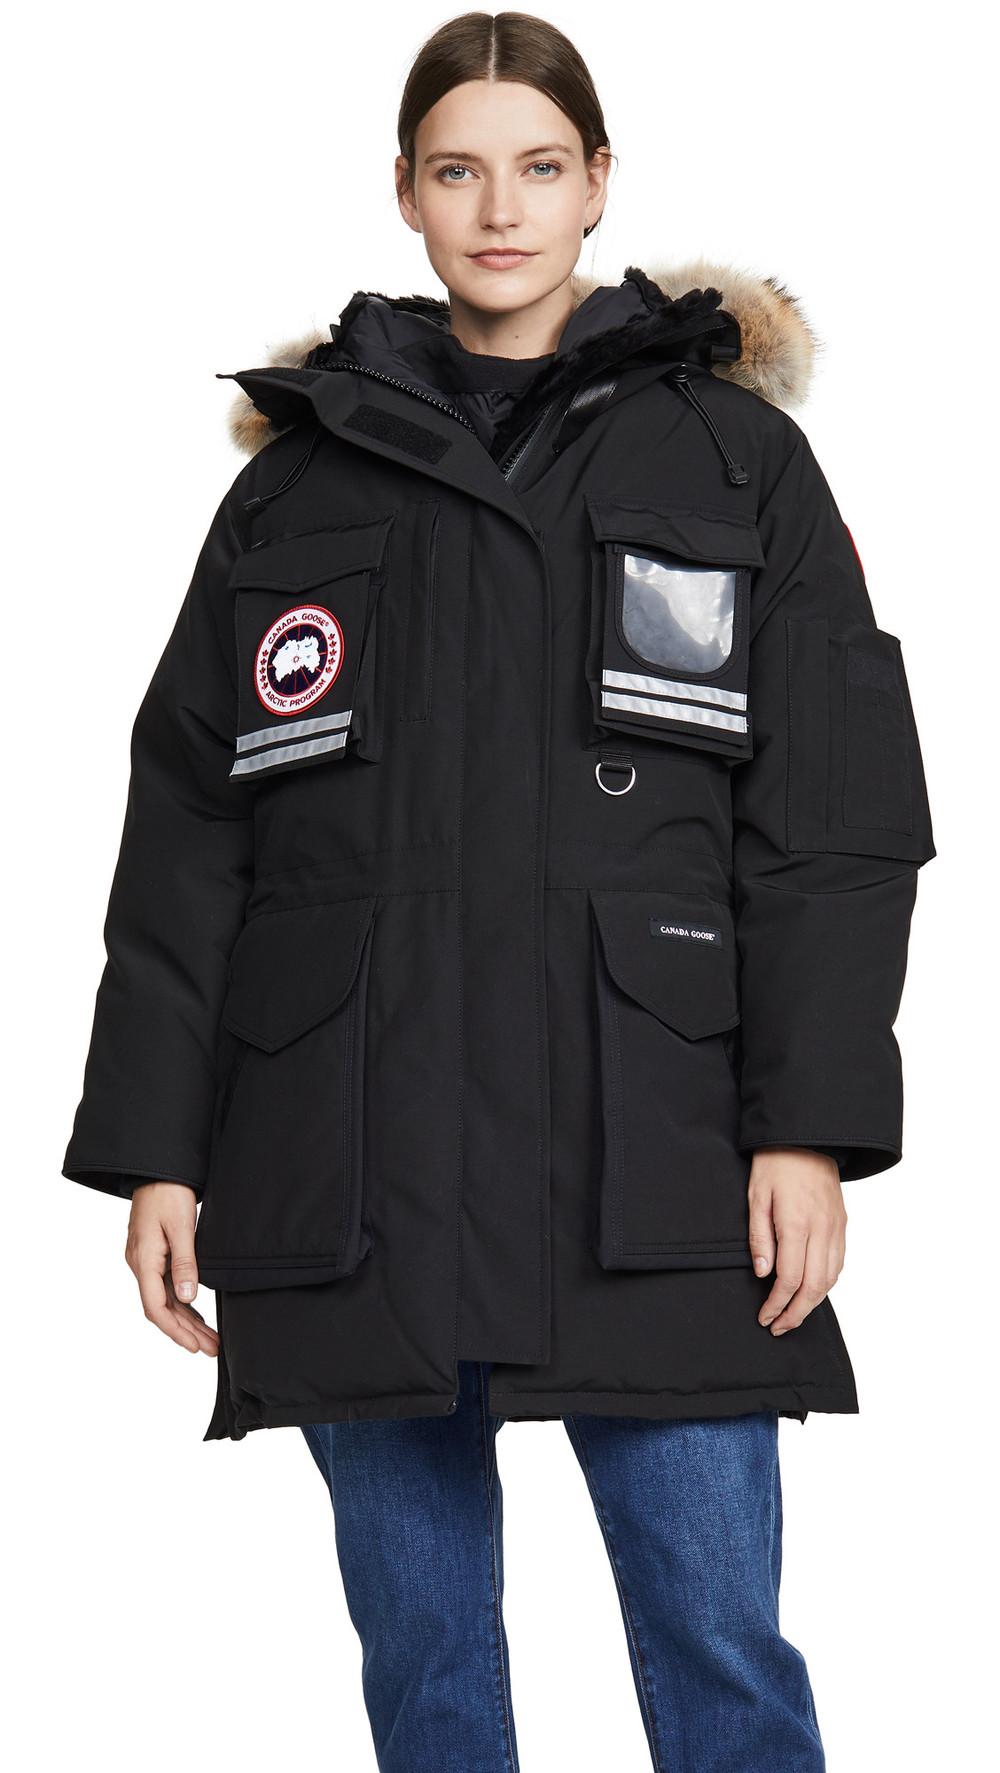 Canada Goose Snow Mantra Parka in black